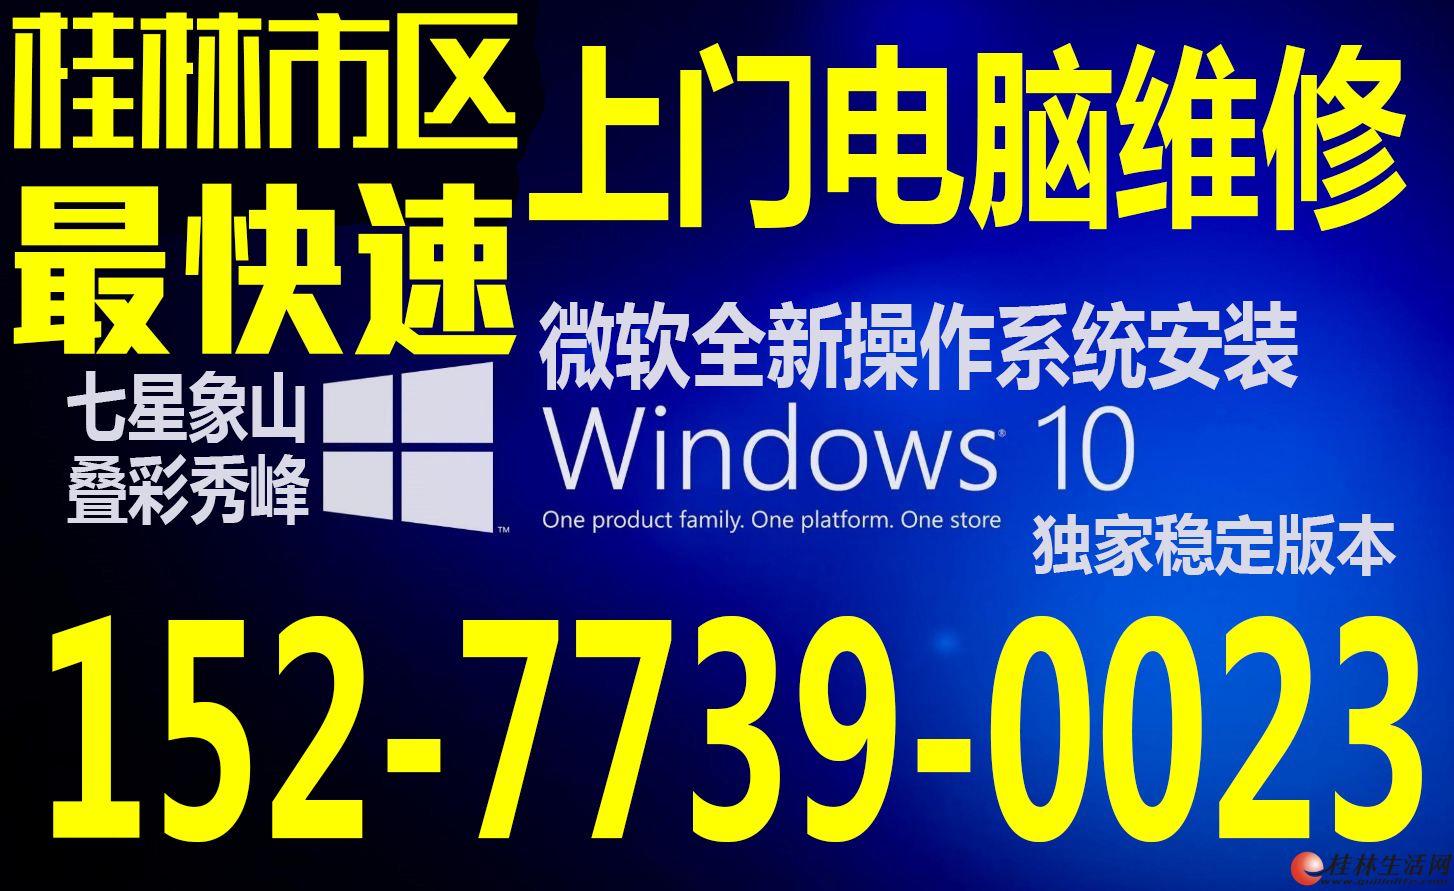 上门修电脑▍软硬件维修▍系统安装▍市内20分钟抵达▍安全专业可靠